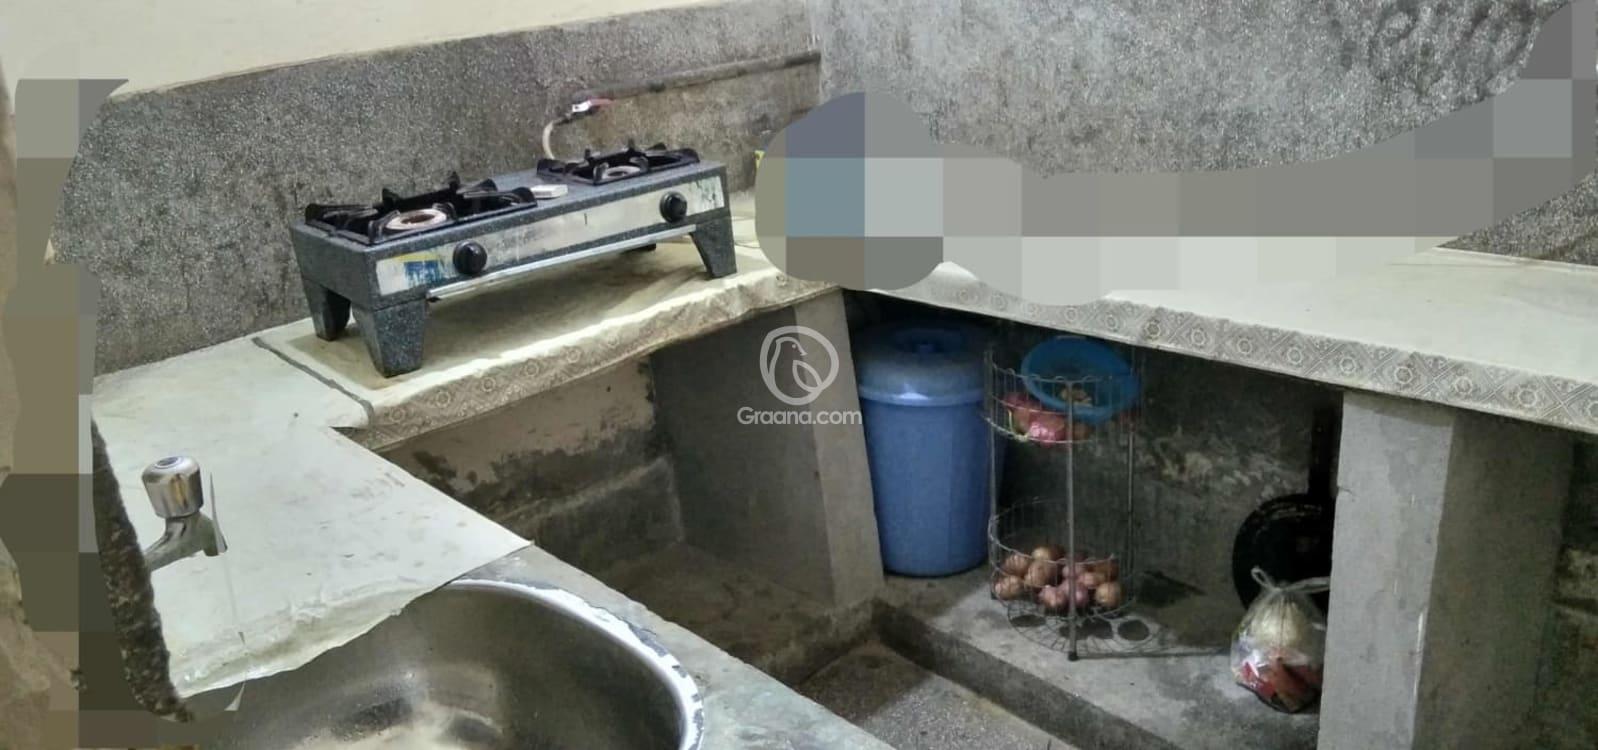 562.5 SqFt Apartment For Rent   Graana.com